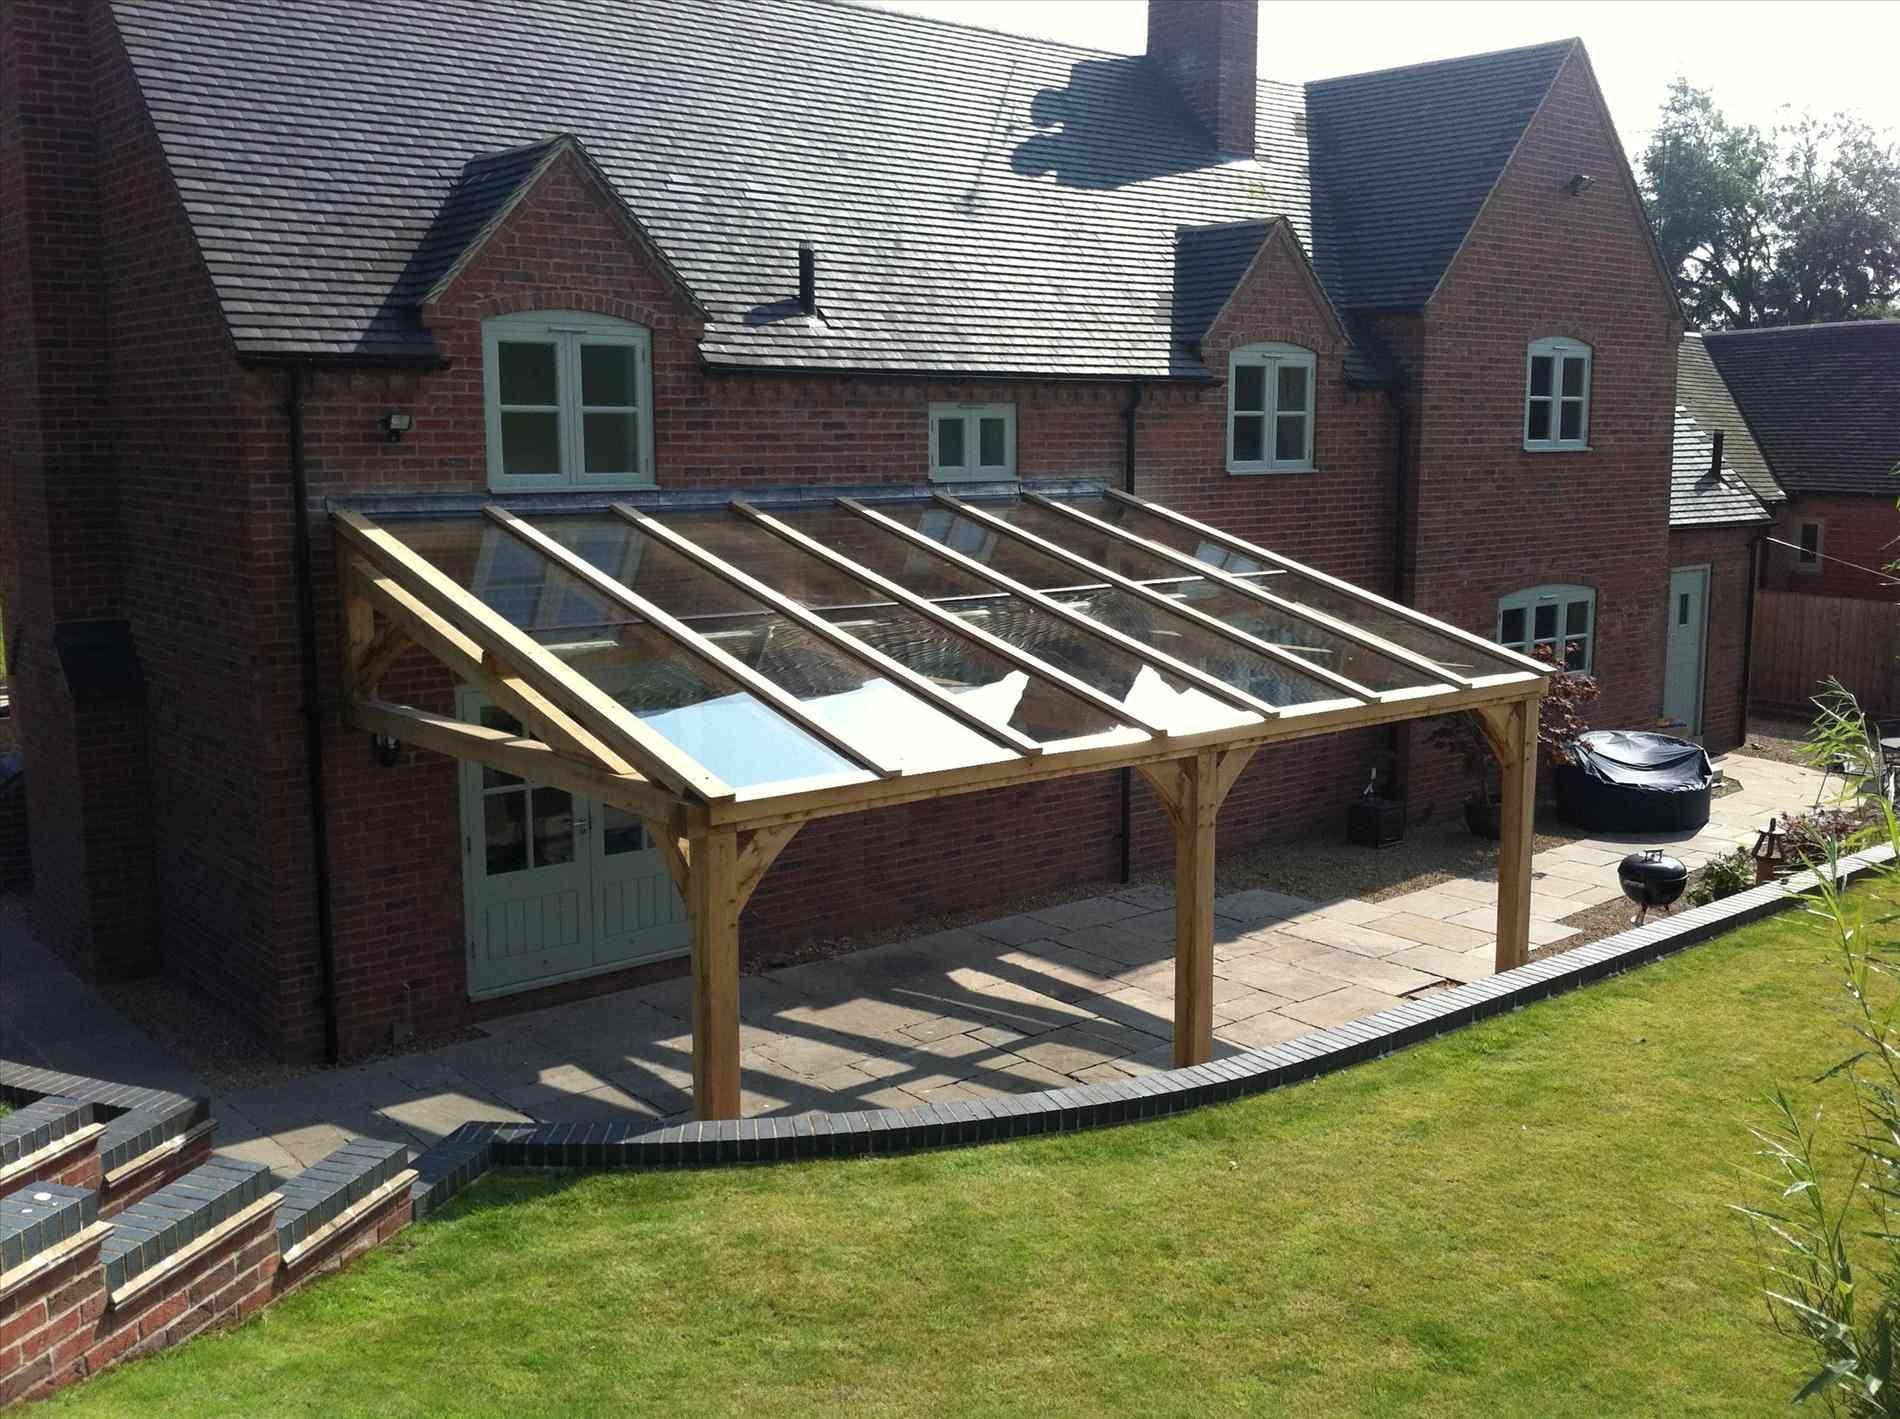 Verandah Roof Designs Home Roof Ideas Outdoor Pergola Glass Porch Pergola